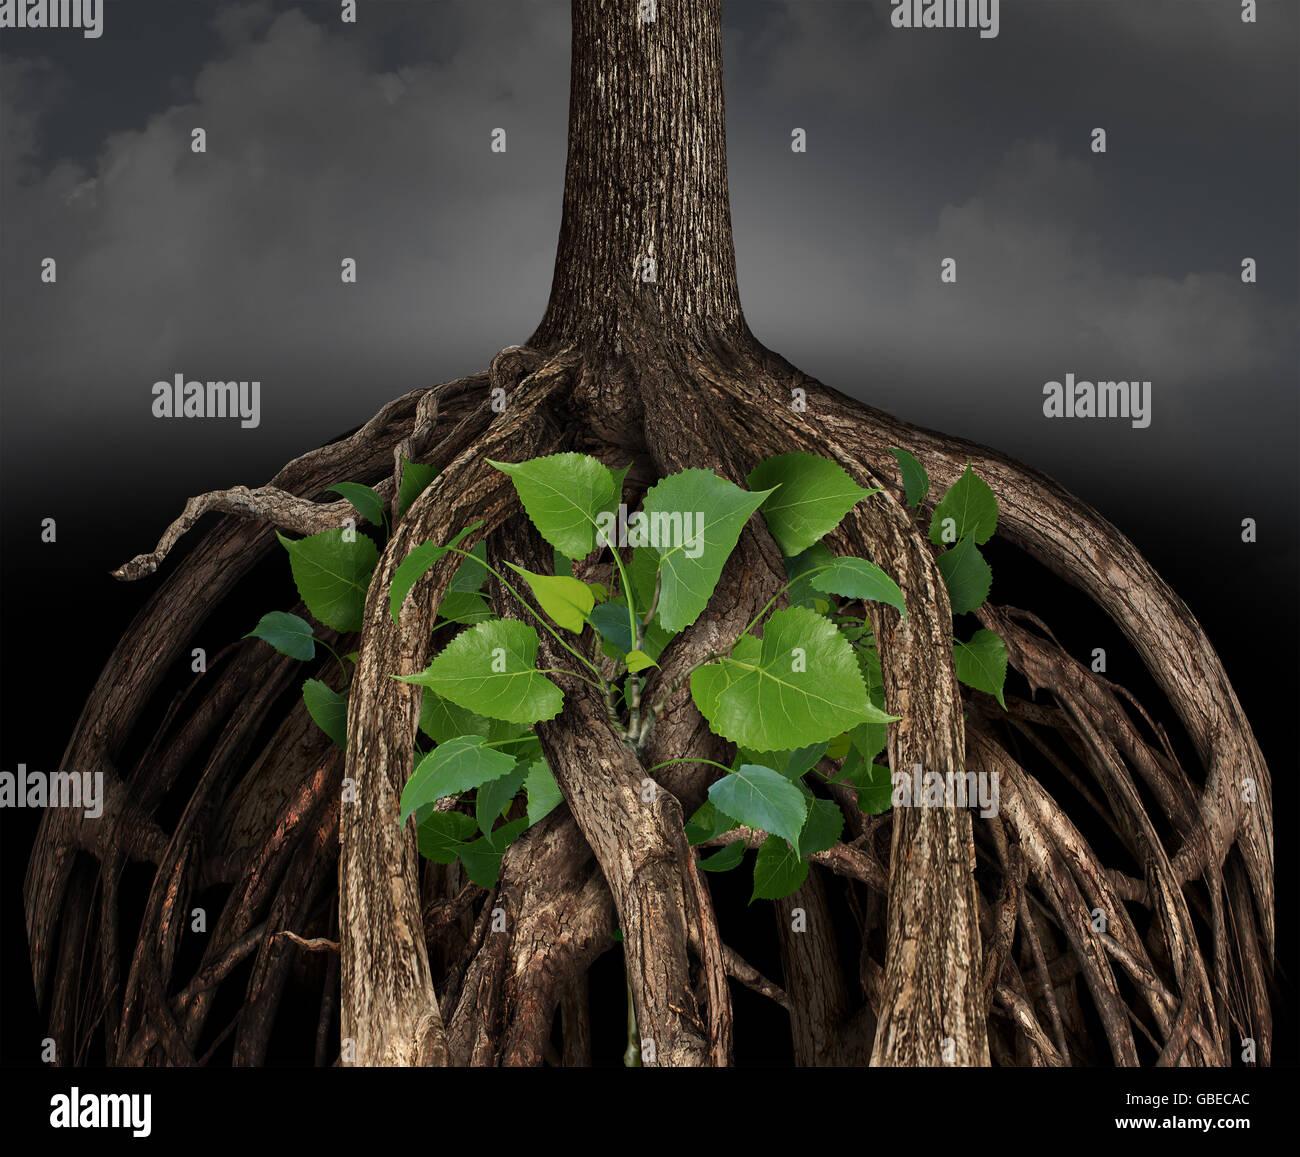 La croissance de l'entreprise difficile concept comme un grand obstacle racine de l'arborescence d'un piégeage déterminé Banque D'Images